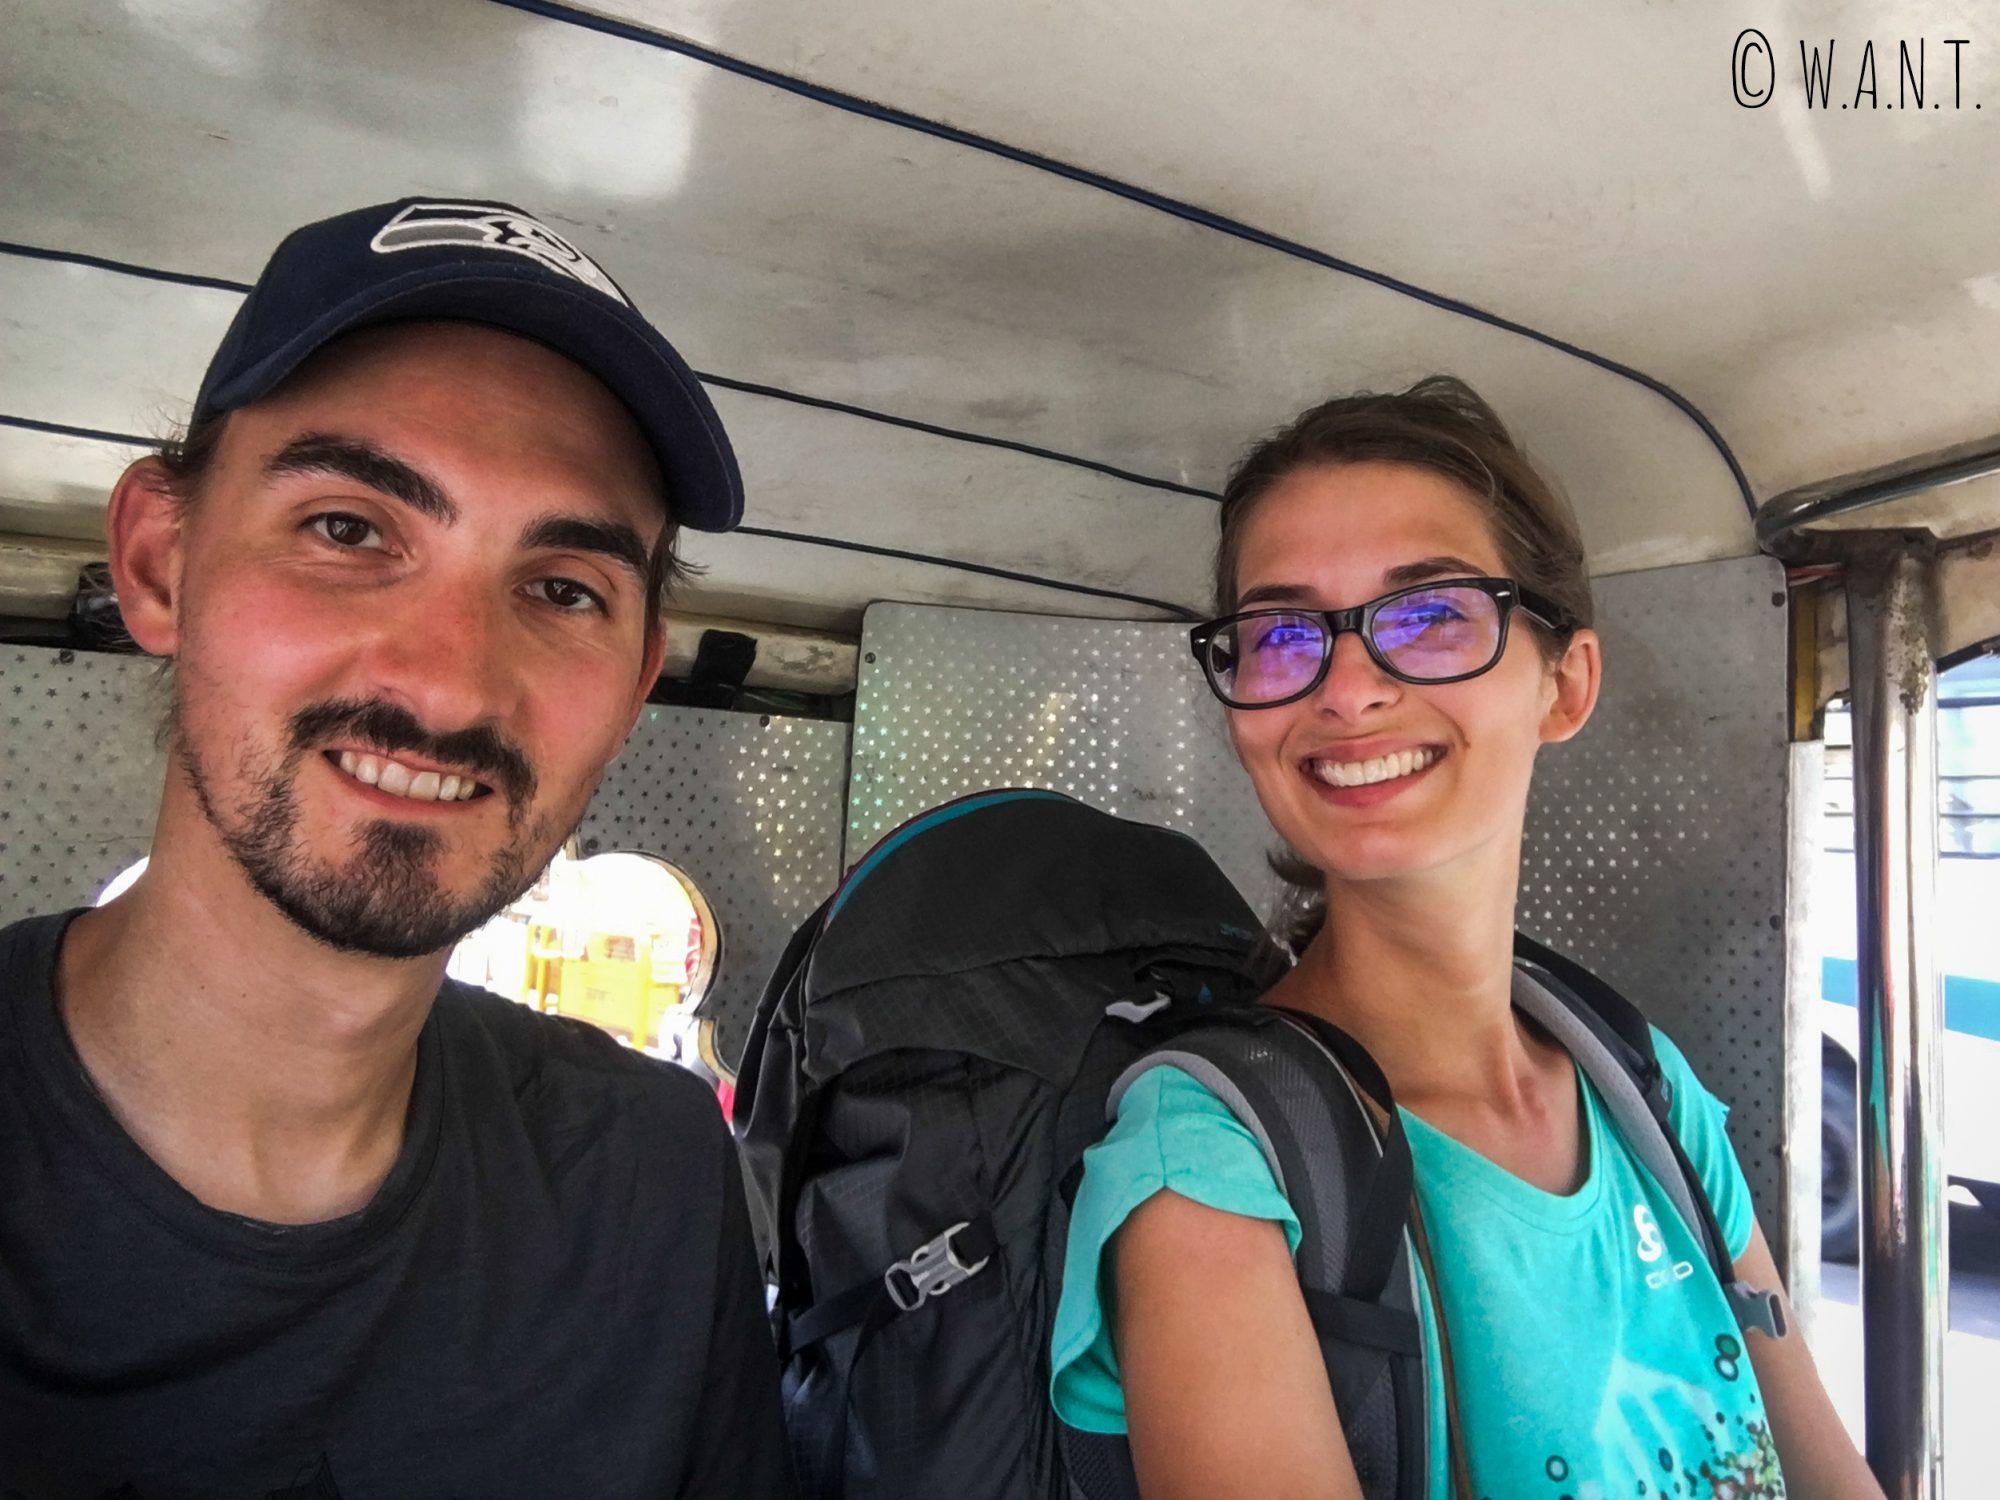 Nous empruntons un tuk-tuk pour nous rendre à la station de bus de Jodhpur